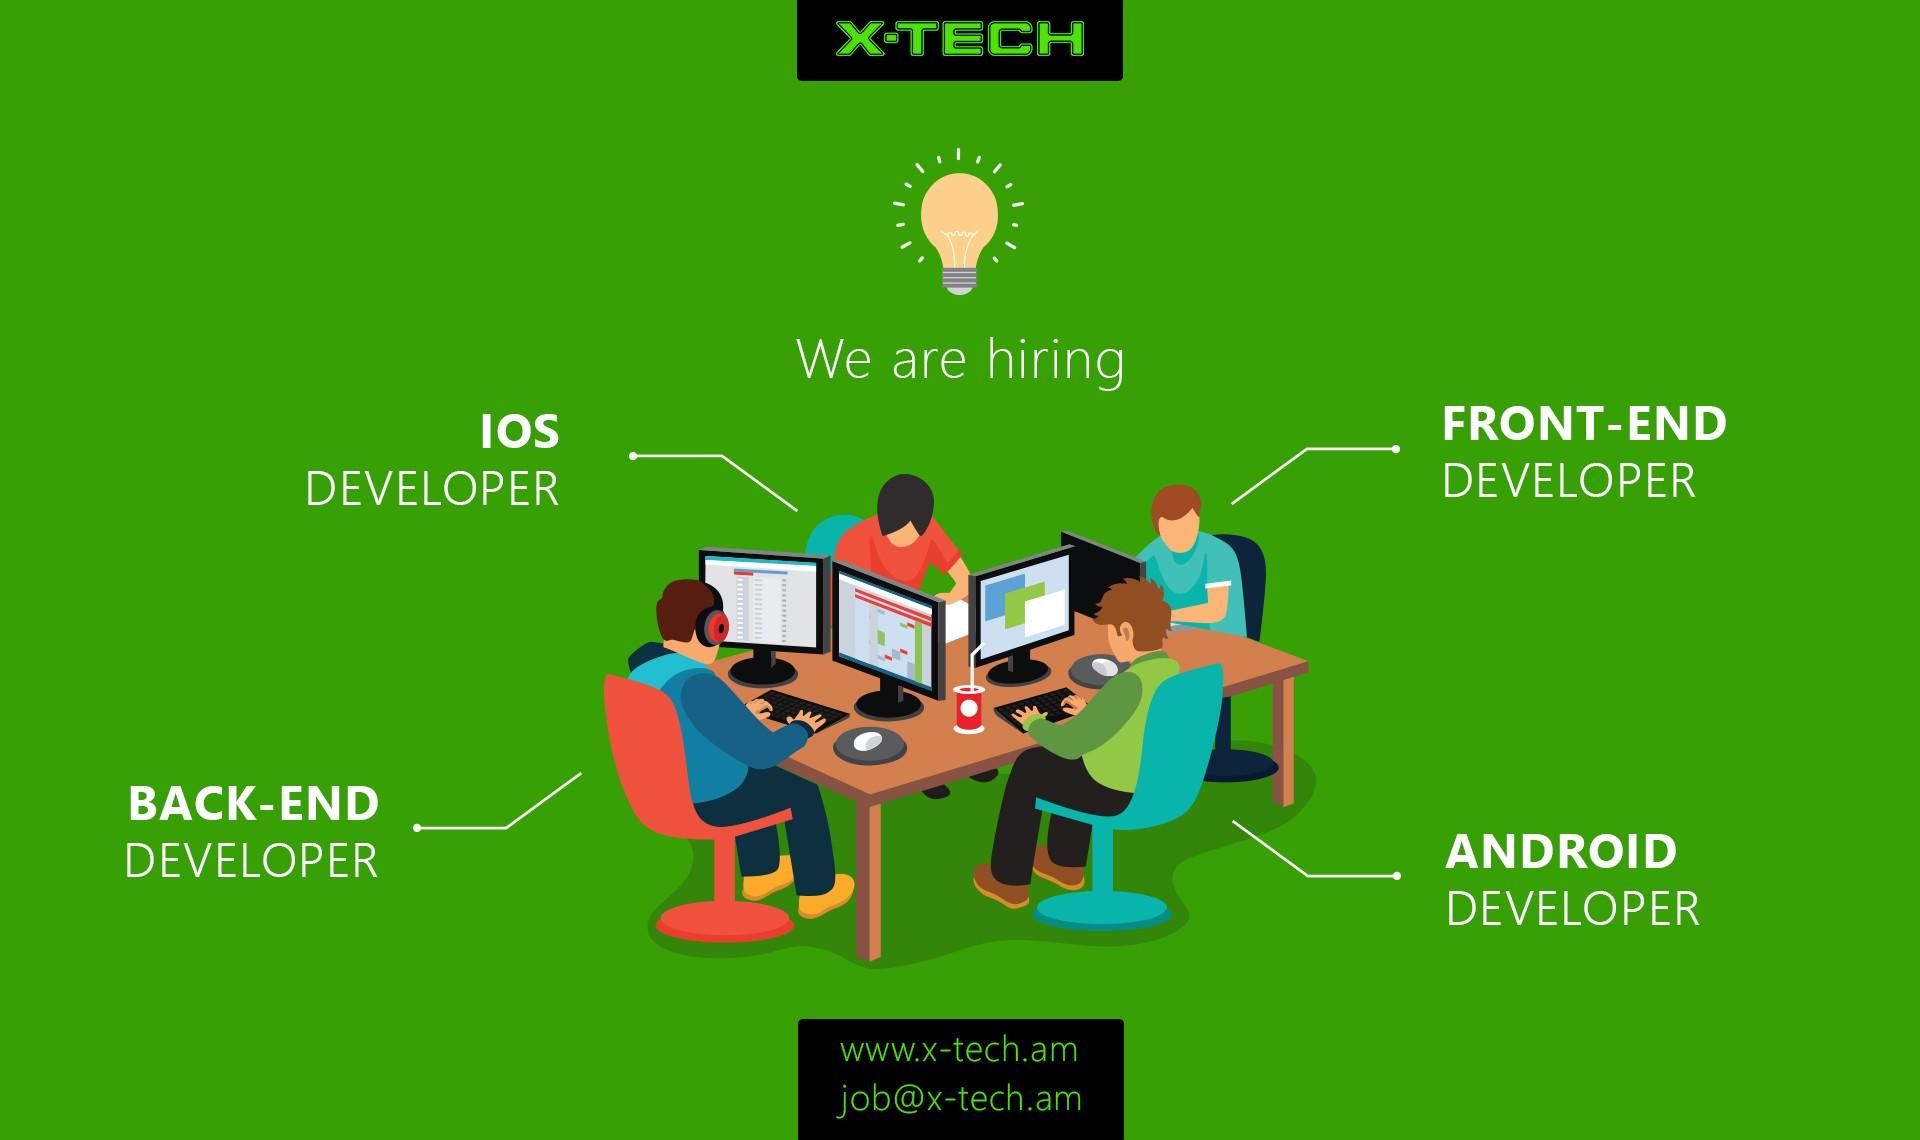 X-TECH | LinkedIn